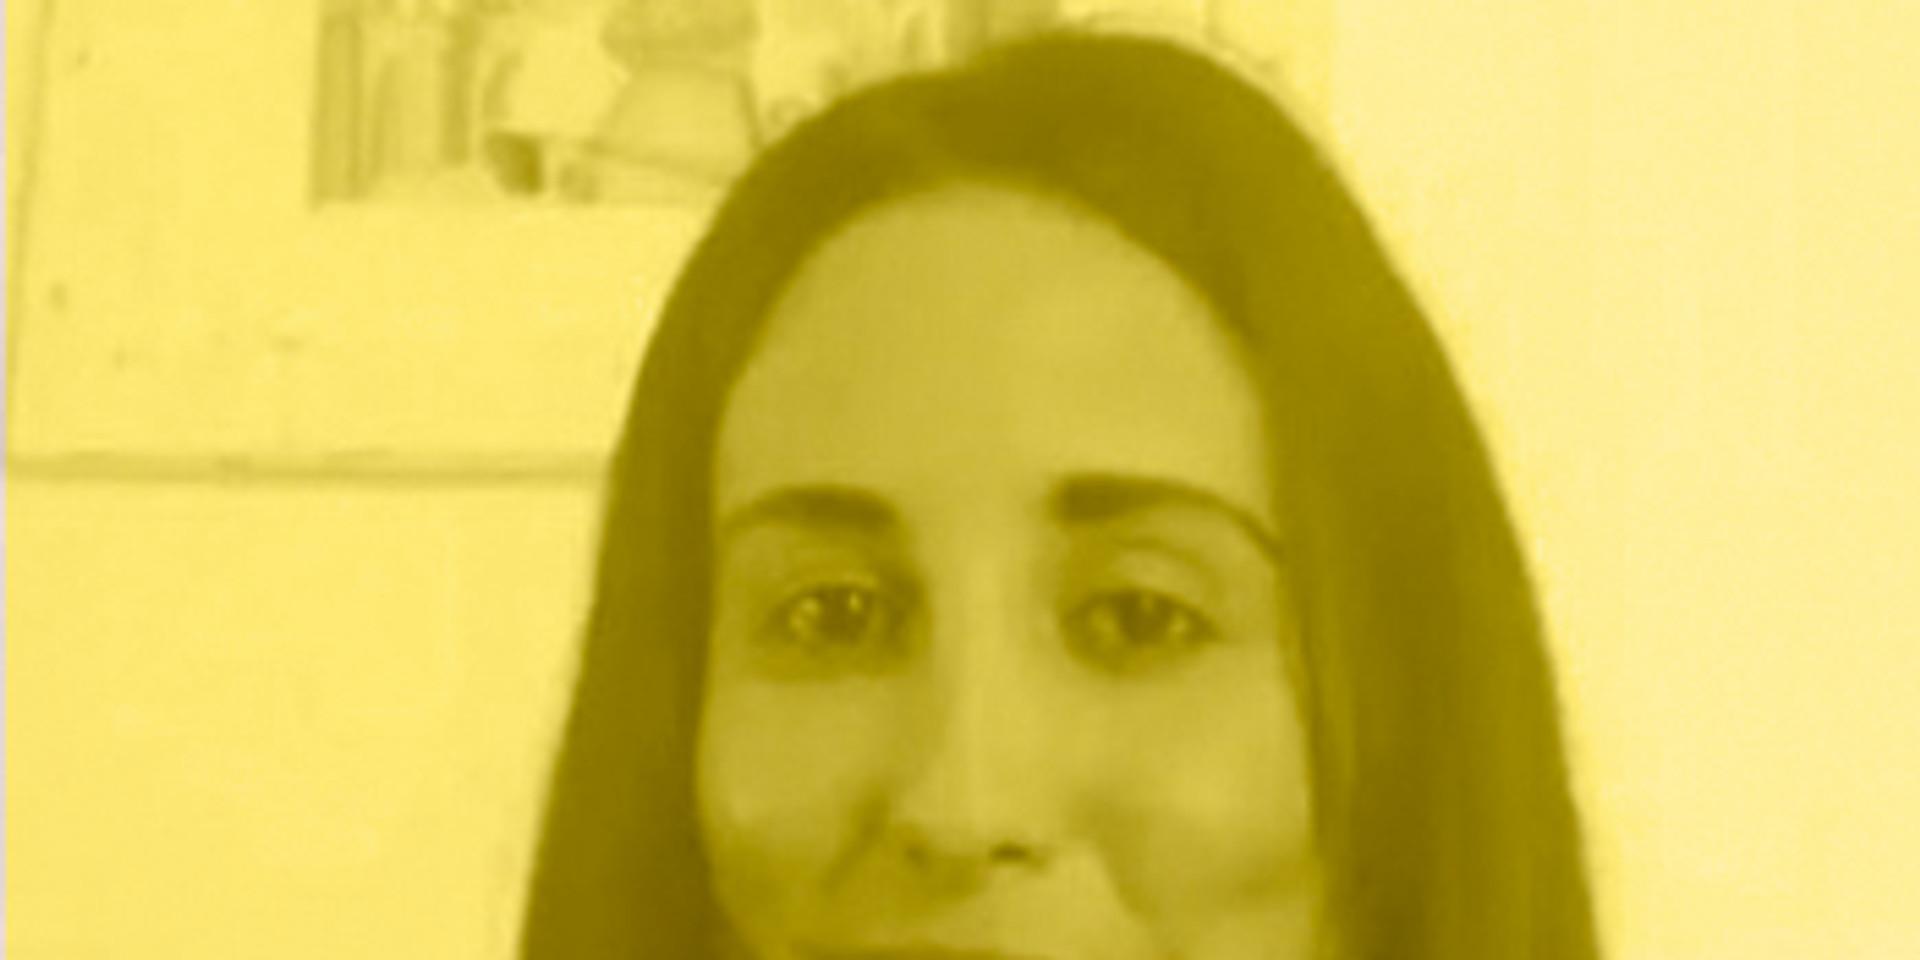 Giulia Garello